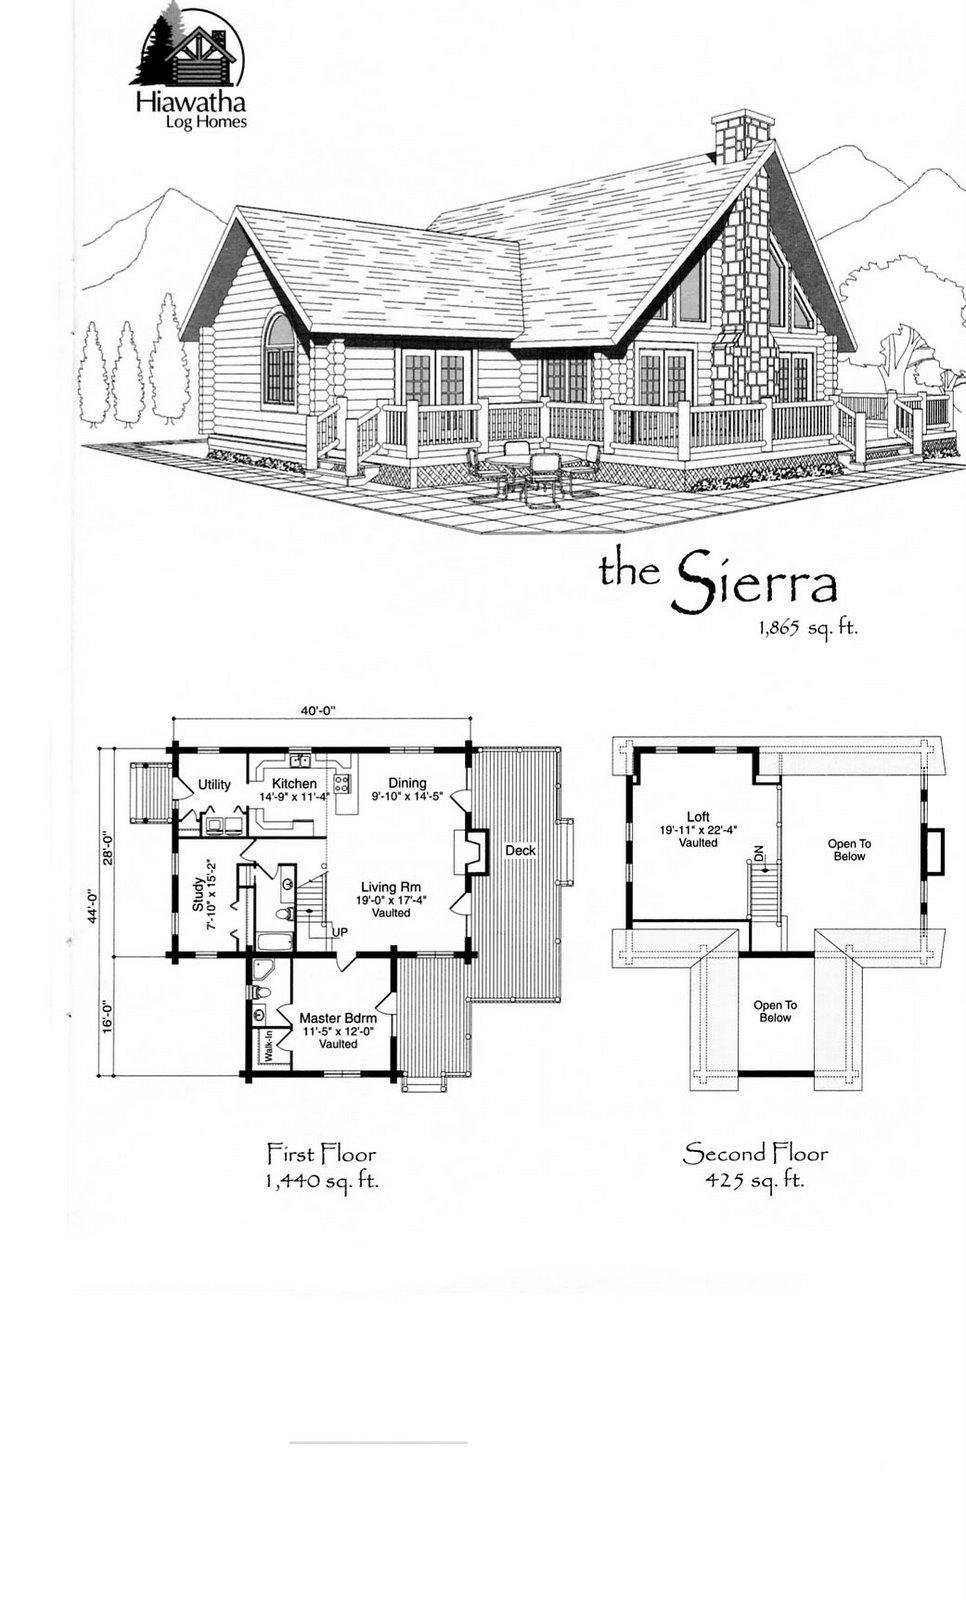 Paper crazy crazy sunday for Crazy house plans